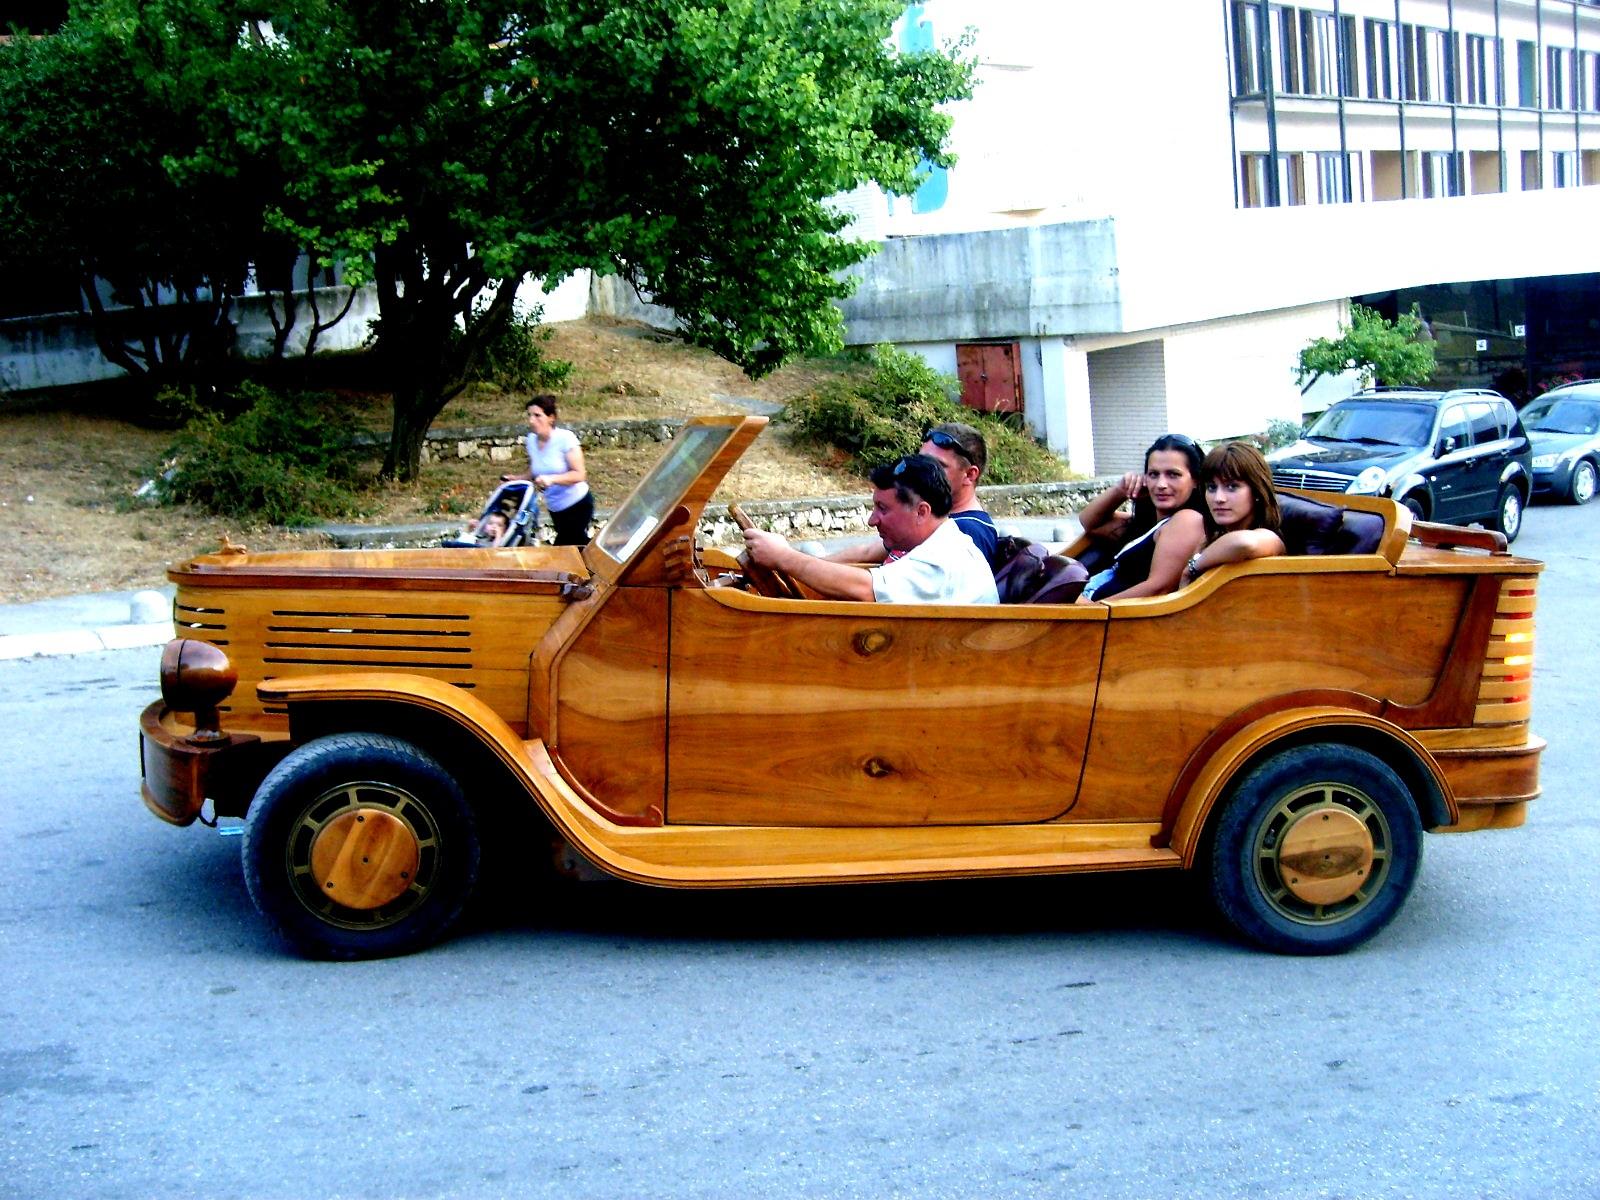 Wood Car Art : Ulcin a car made from wood by medddy on deviantart